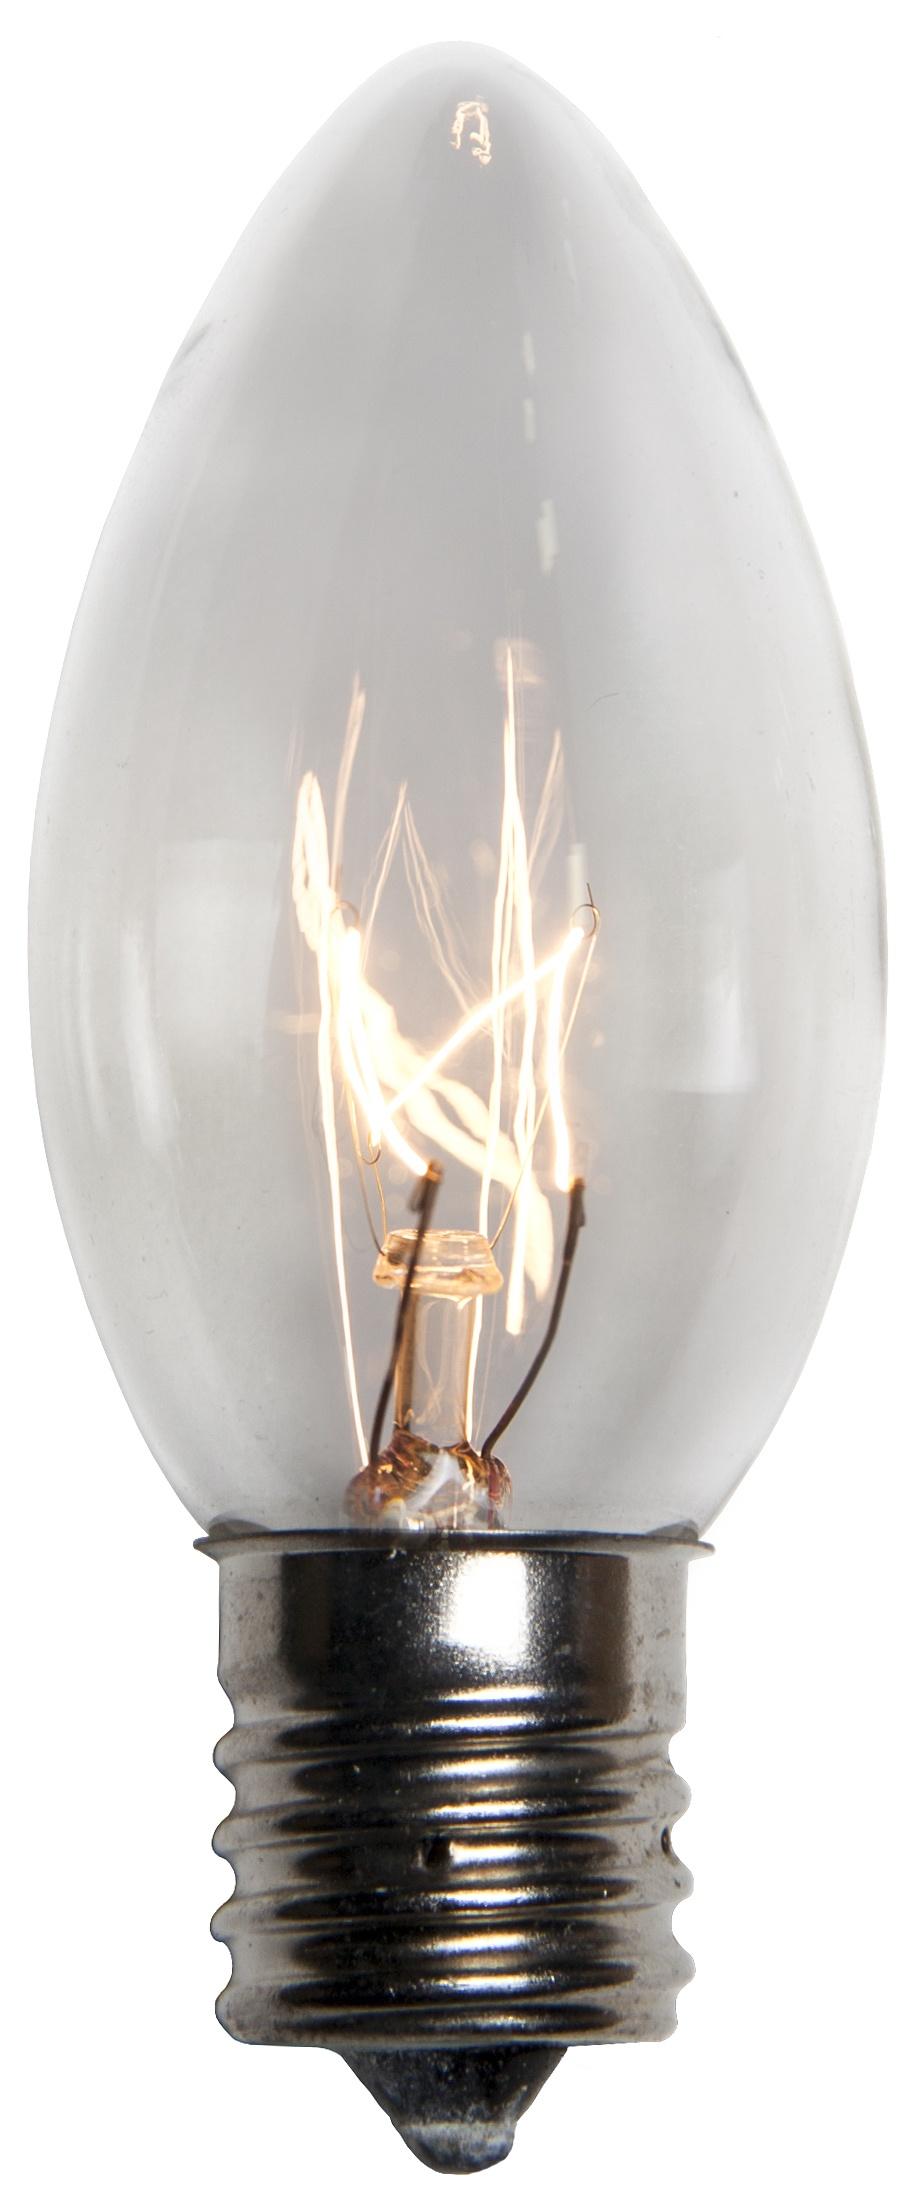 C9 Christmas Light Bulb C9 Clear Christmas Light Bulbs Transparent 10 Watt